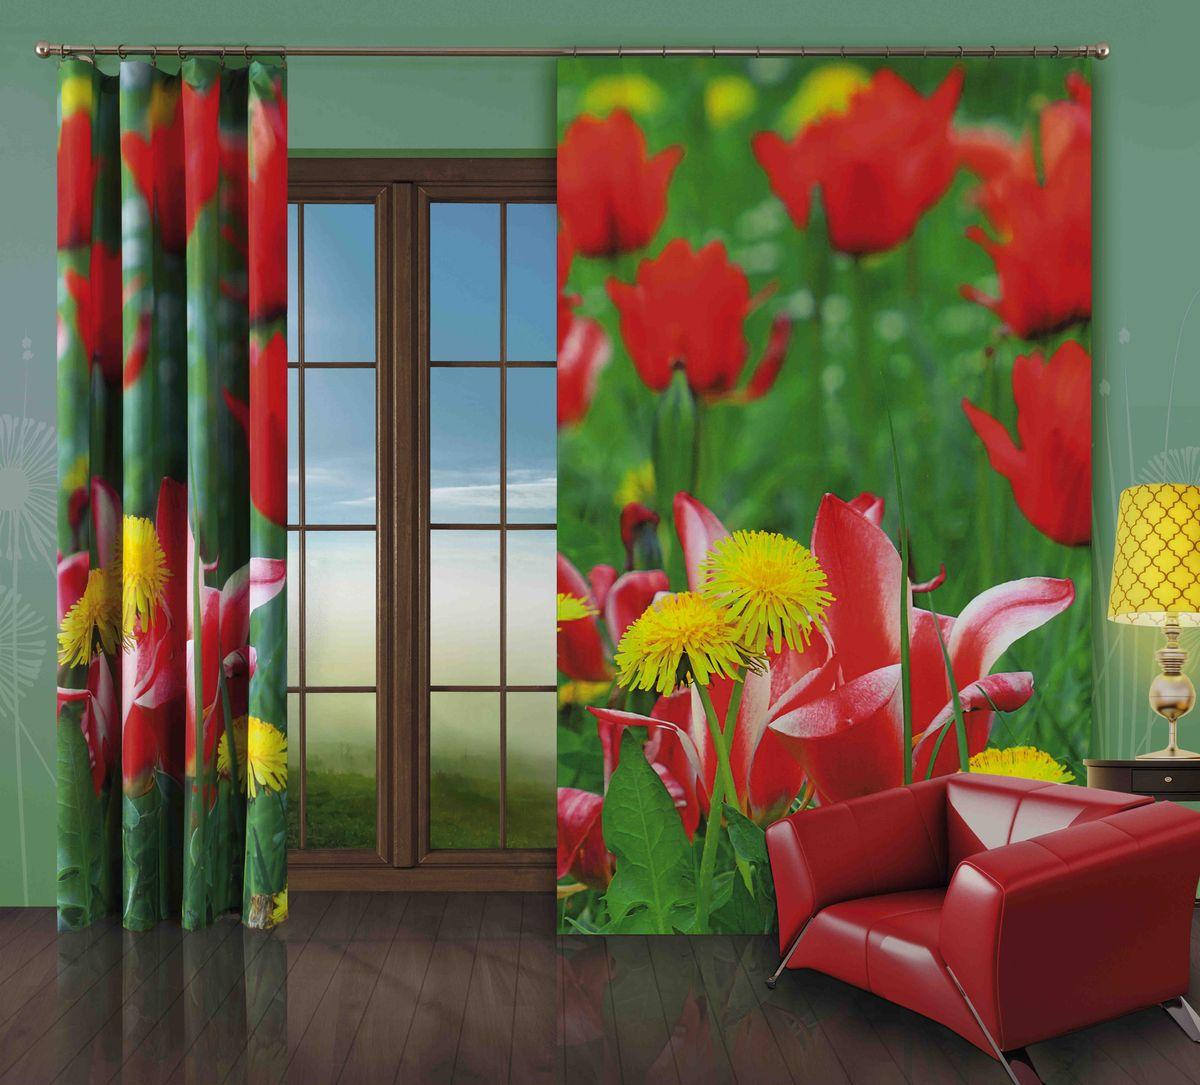 Комплект гардин-панно Wisan Tulipany, на ленте, цвет: зеленый, красный, высота 250 см272WКомплект гардин-панно Wisan Tulipany, изготовленный из полиэстера, станет великолепным украшением любого окна. В комплект входят 2 плотные гардины с изображением летнего луга. Качественный материал, оригинальный дизайн и приятная цветовая гамма привлекут к себе внимание и органично впишутся в интерьер. Комплект оснащен шторной лентой для красивой сборки. Размер гардин-панно: 150 см х 250 см. Фирма Wisan на польском рынке существует уже более пятидесяти лет и является одной из лучших польских фабрик по производству штор и тканей. Ассортимент фирмы представлен готовыми комплектами штор для гостиной, детской, кухни, а также текстилем для кухни (скатерти, салфетки, дорожки, кухонные занавески). Модельный ряд отличает оригинальный дизайн, высокое качество. Ассортимент продукции постоянно пополняется.